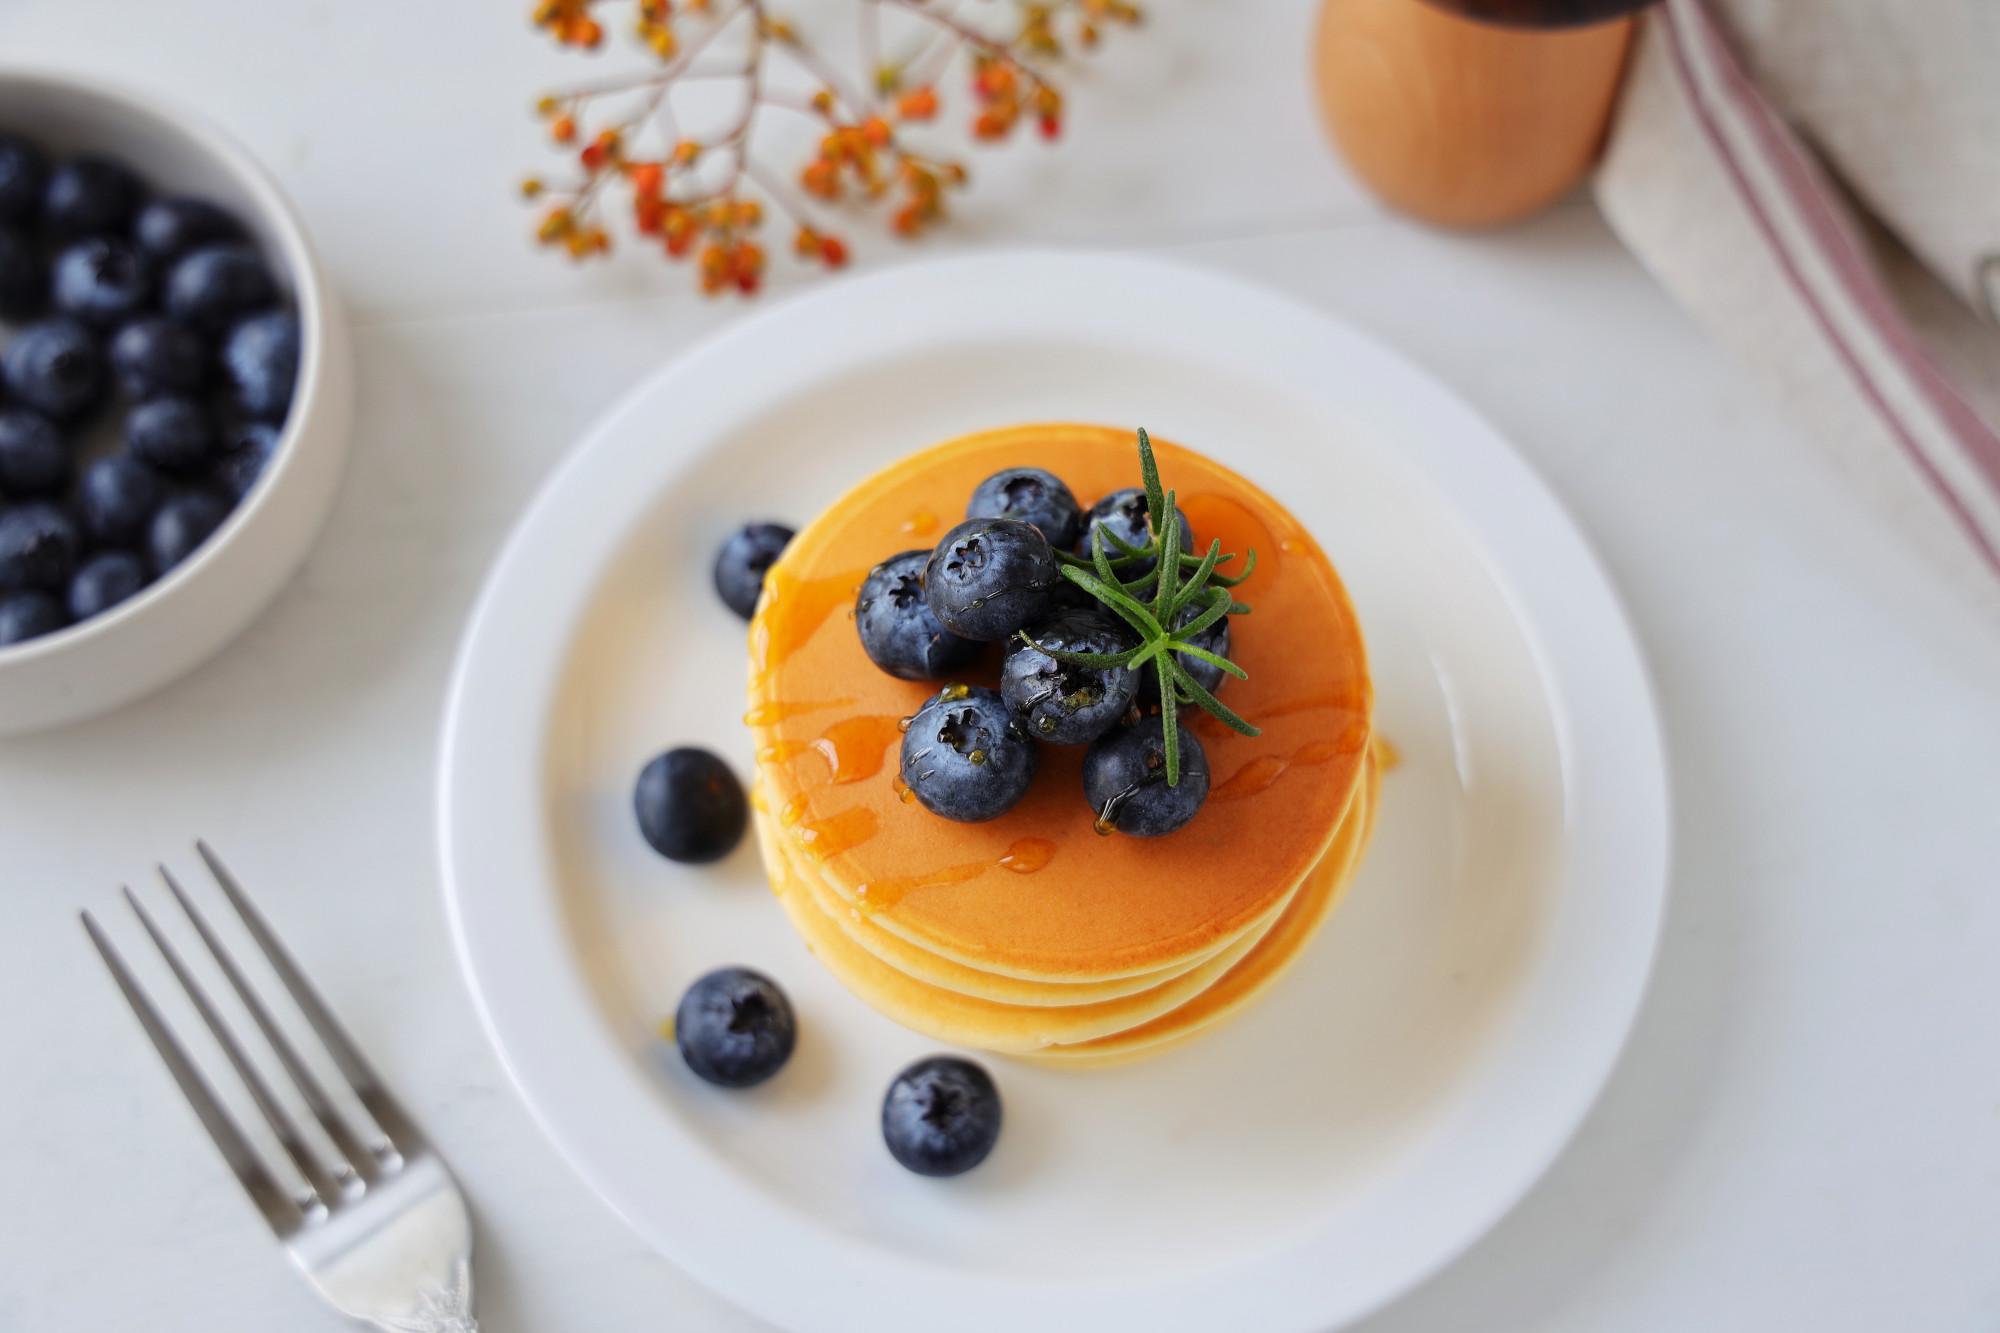 早餐只要有它,孩子就不挑食,不加油不加泡打粉,鬆軟好吃